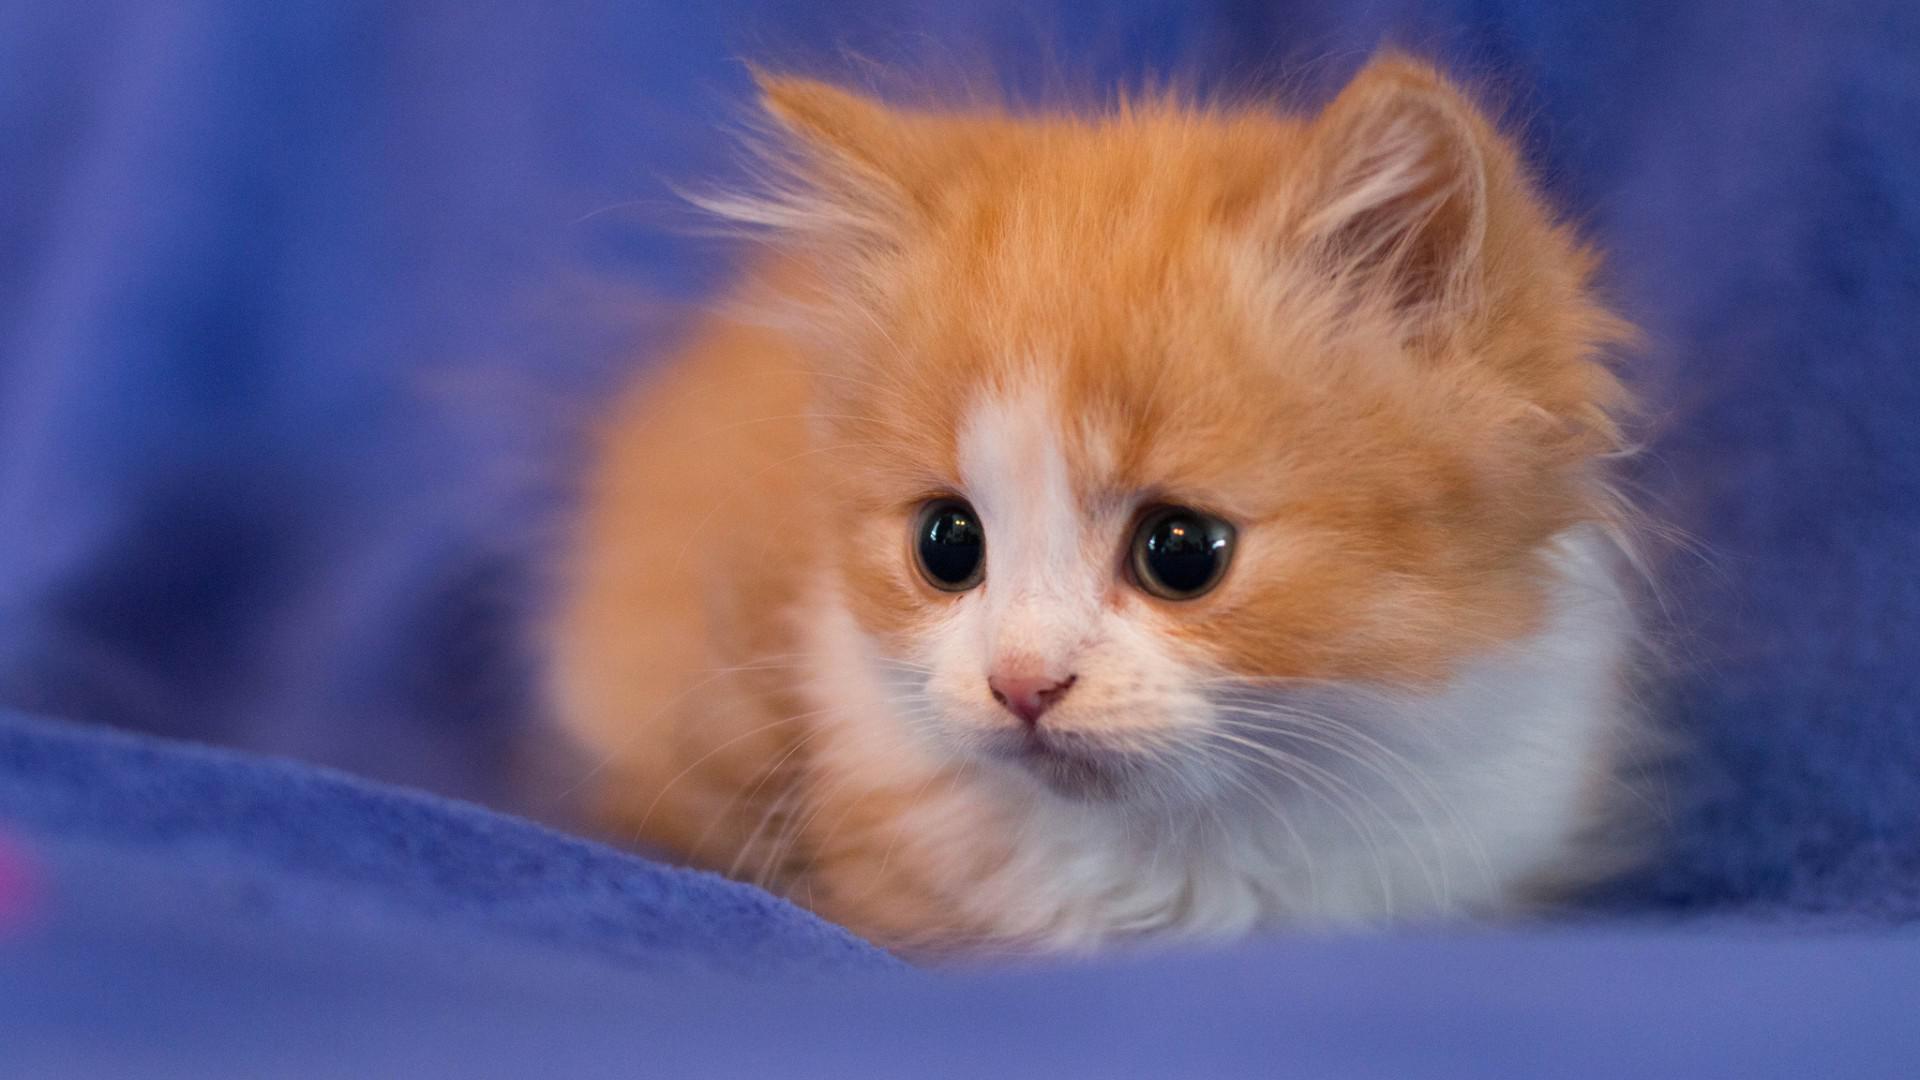 Hình nền chú mèo đẹp